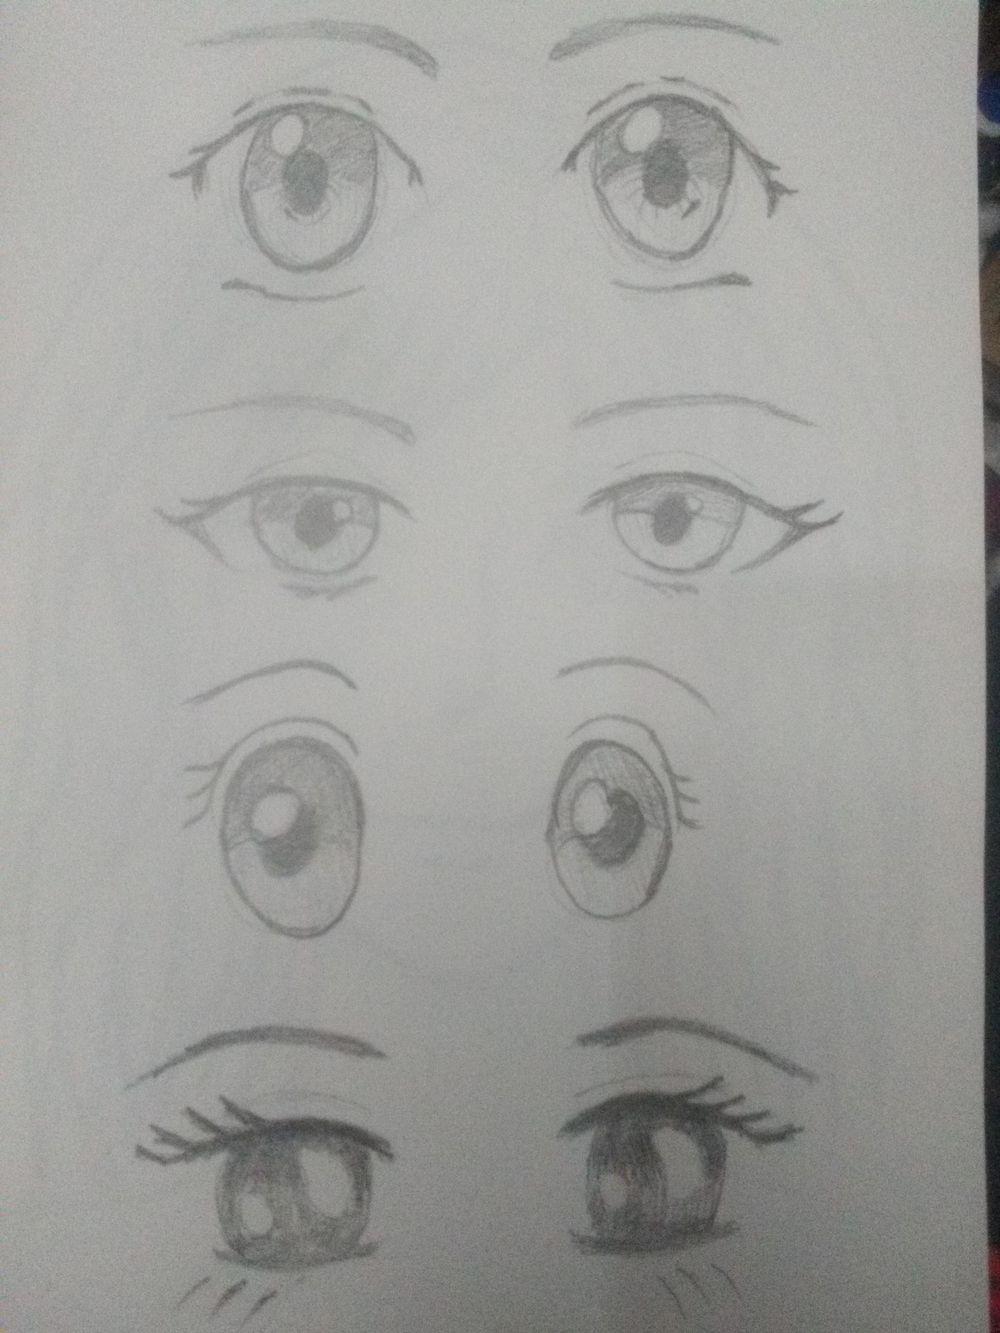 eyes eyes - image 3 - student project